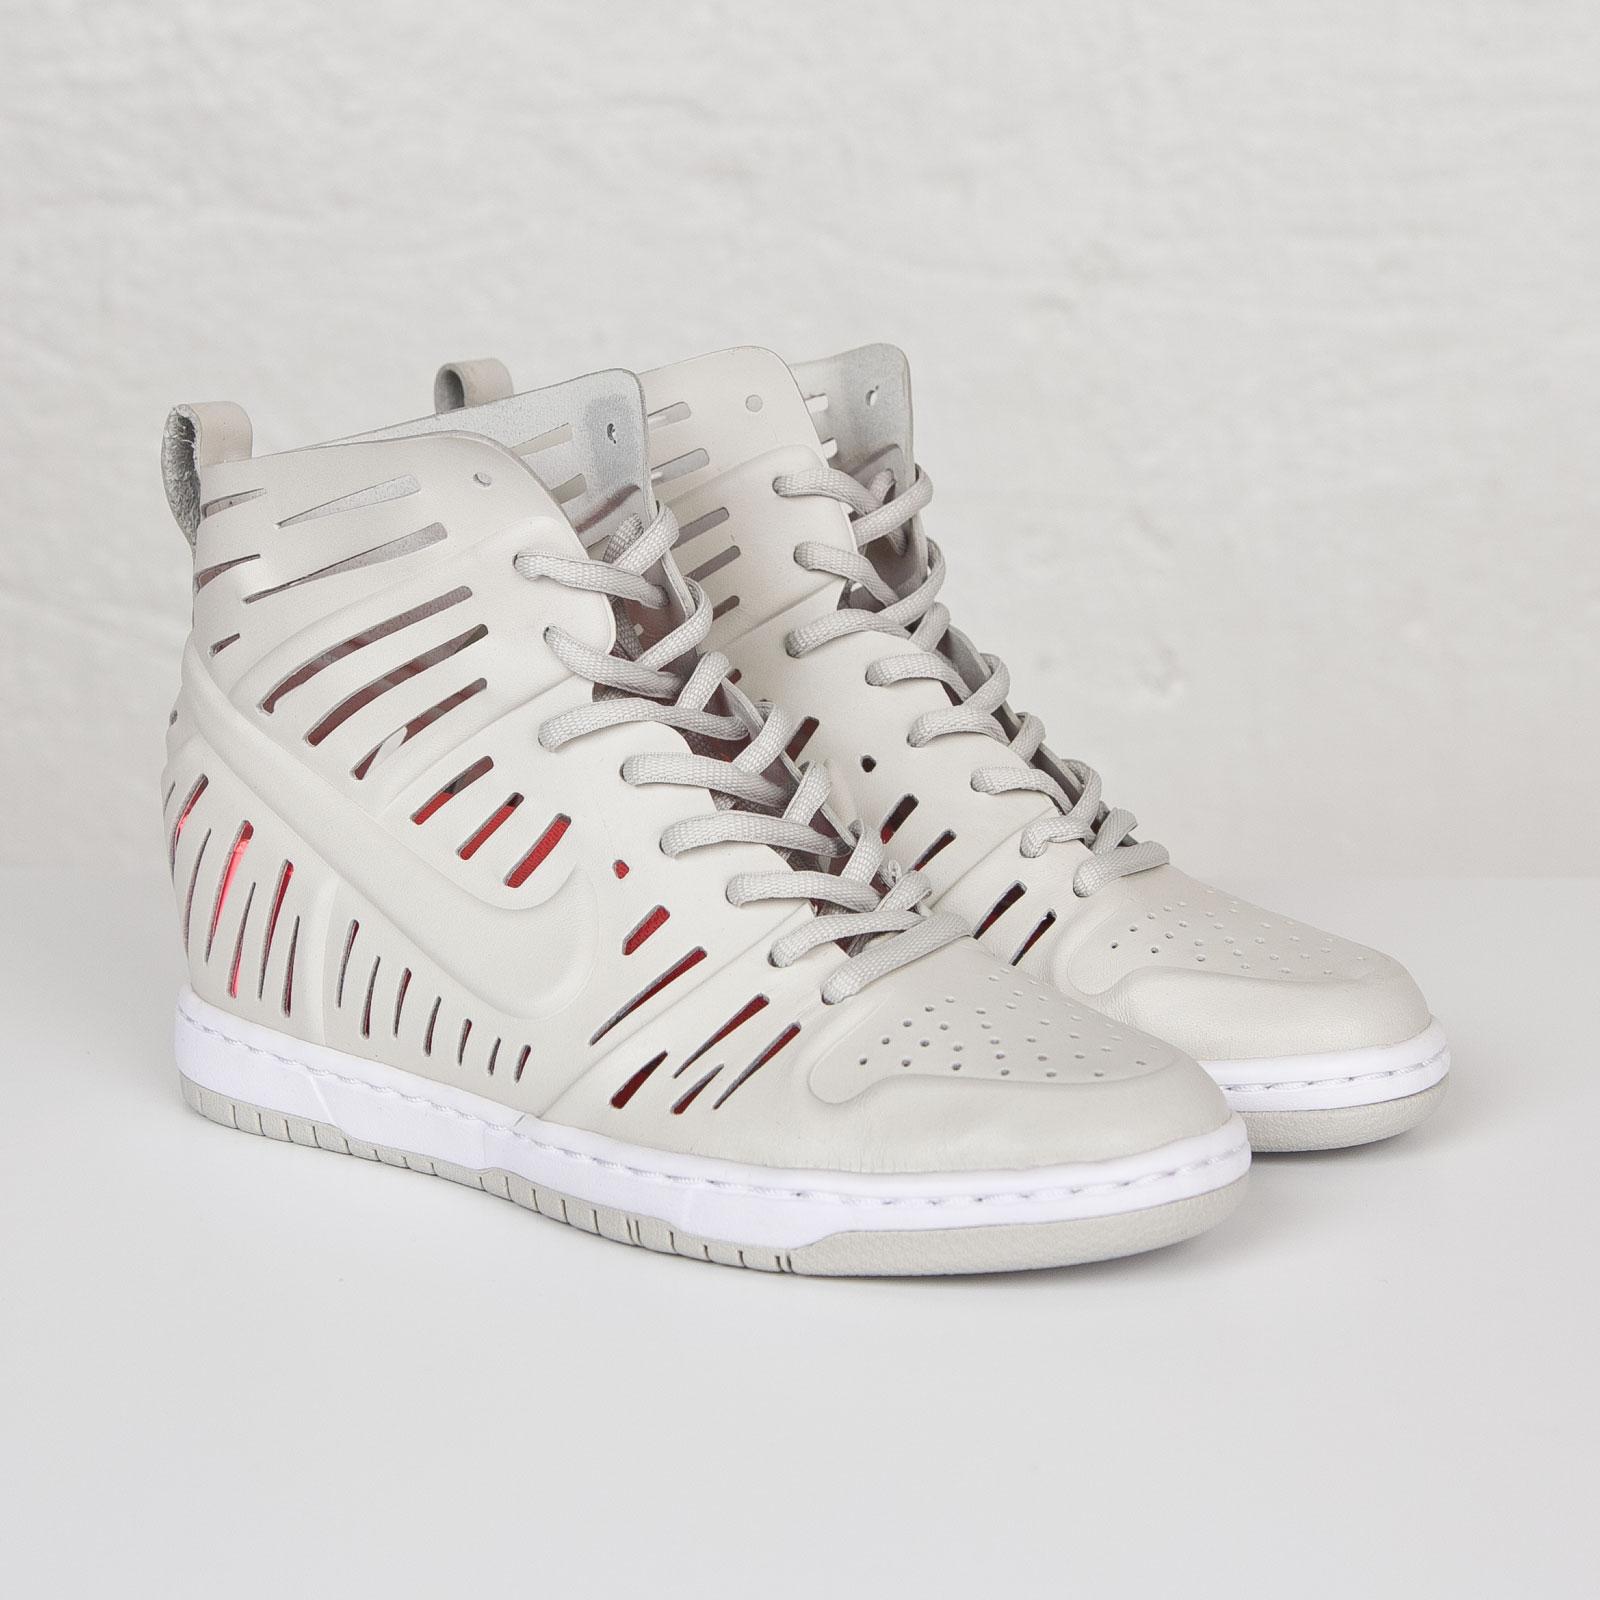 1512b3f17cb0 Nike W Dunk Sky Hi 2.0 Joli QS - 802813-001 - Sneakersnstuff ...